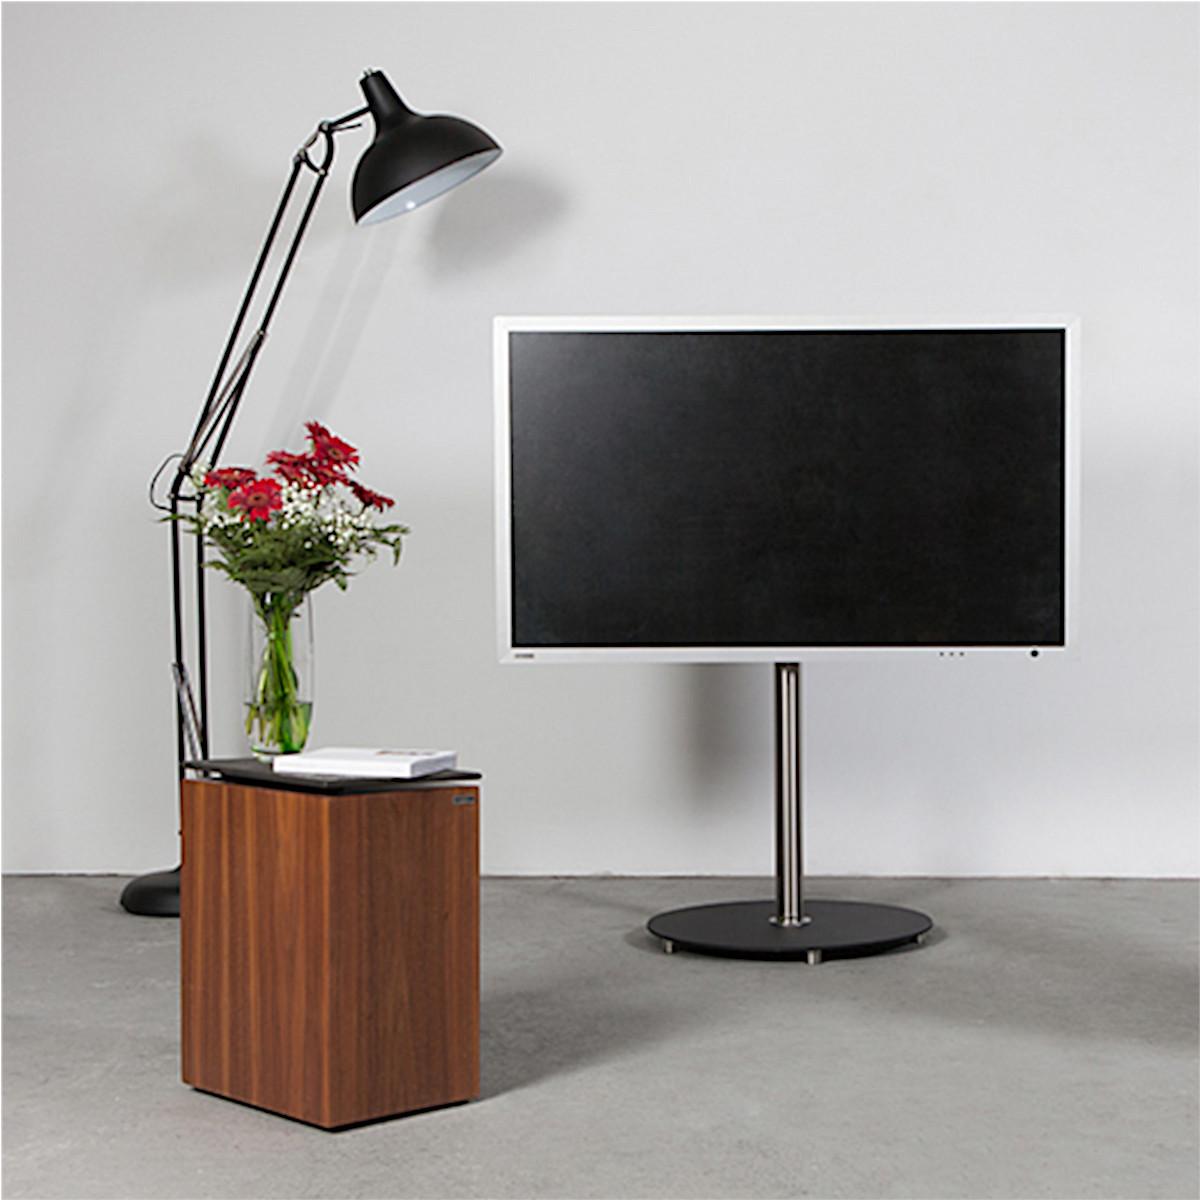 Wissmann aro art 139, TV-Ständer, rollbar, drehbar, Edelstahl, 360°